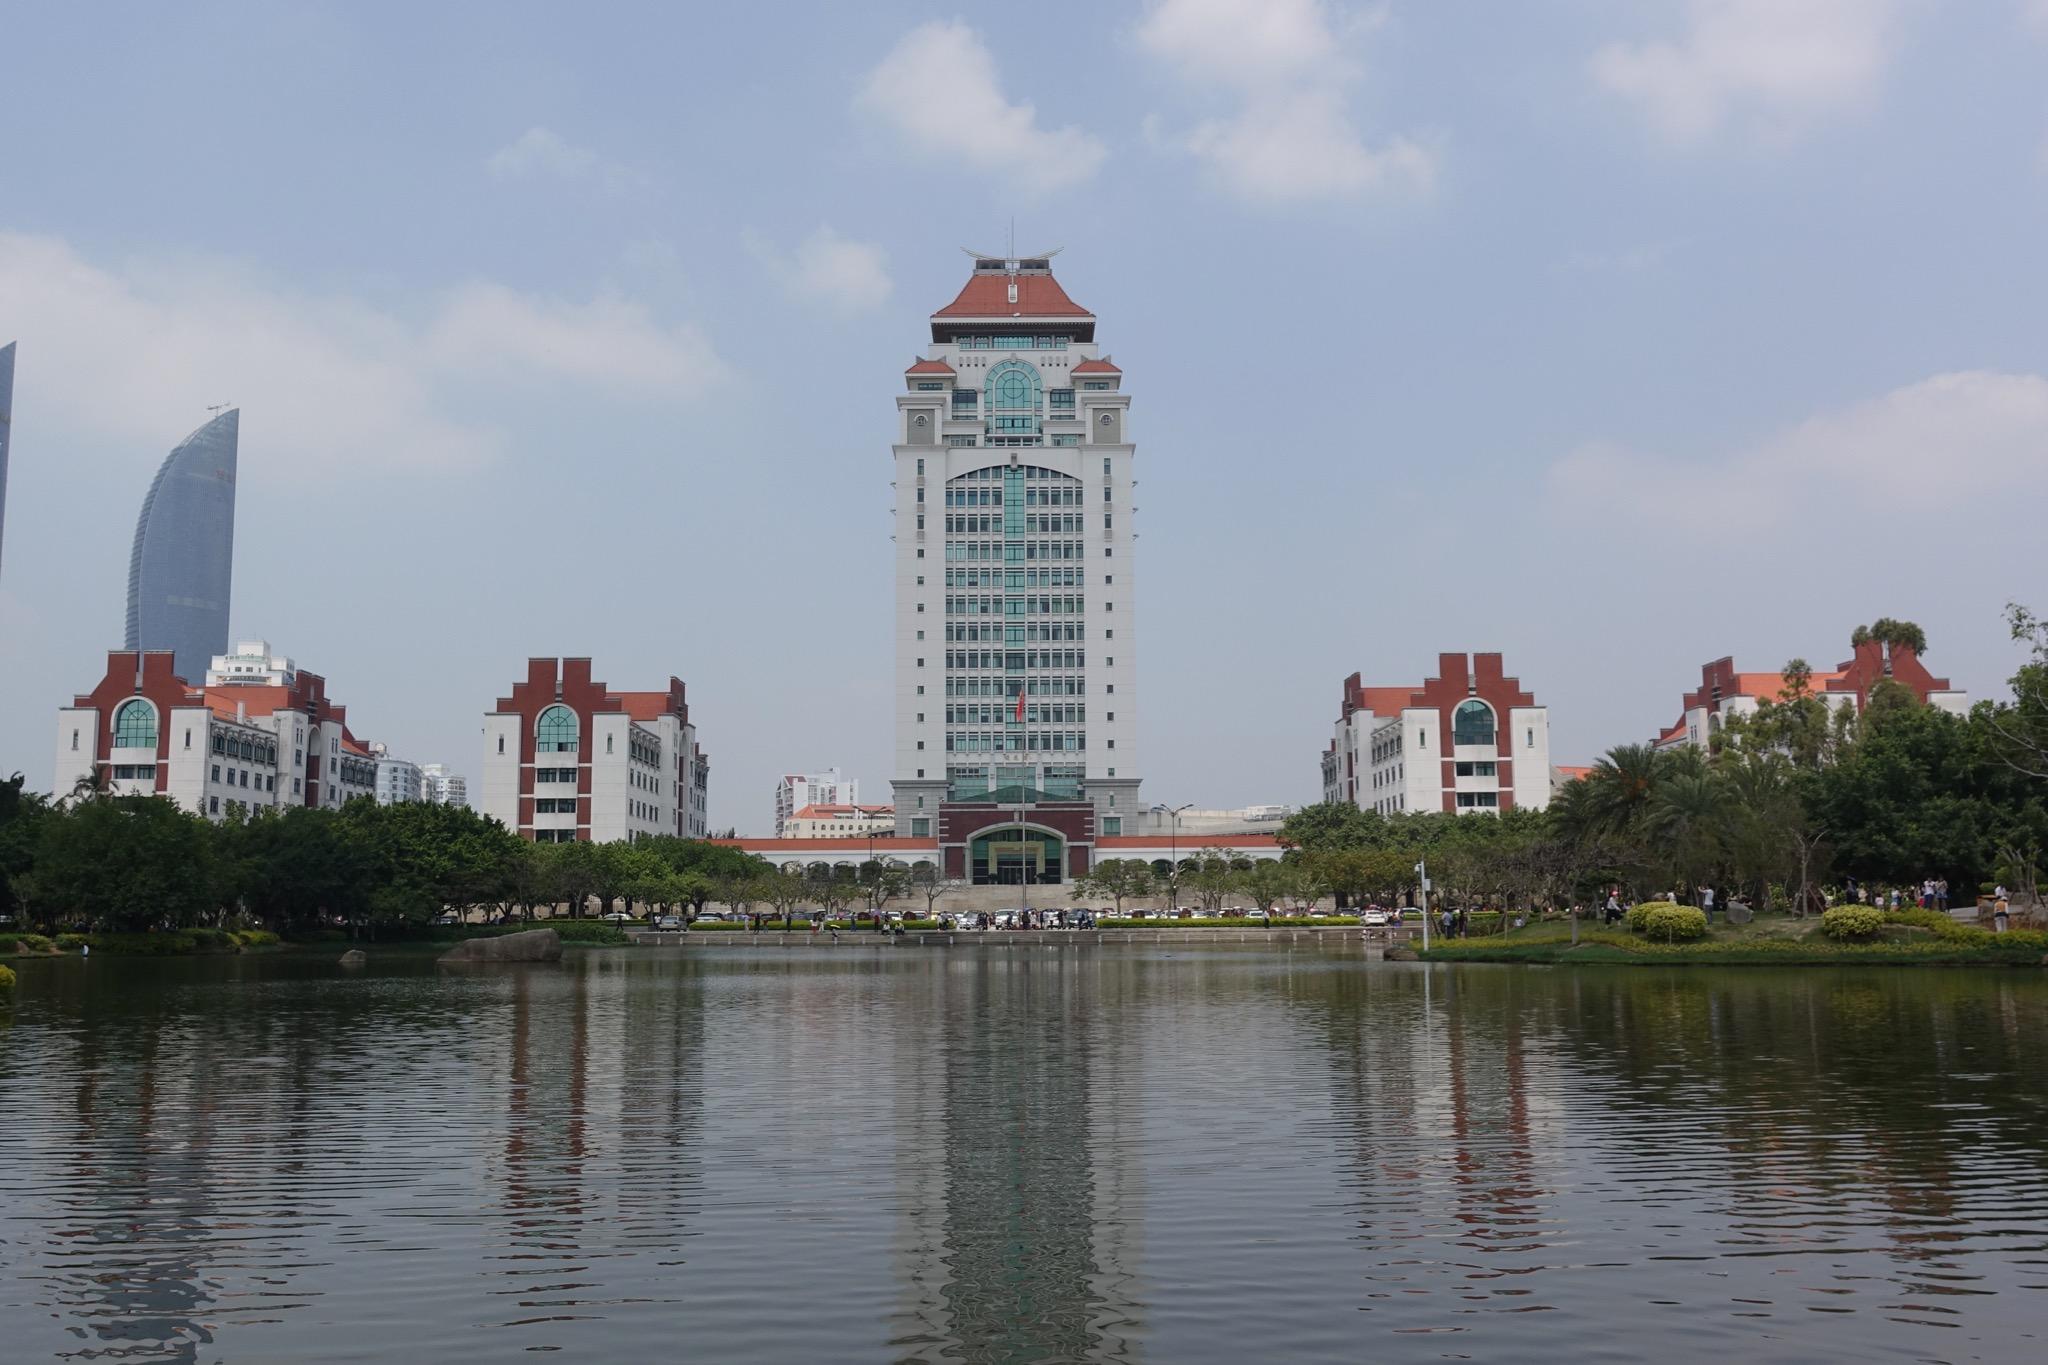 厦大大湖和建筑